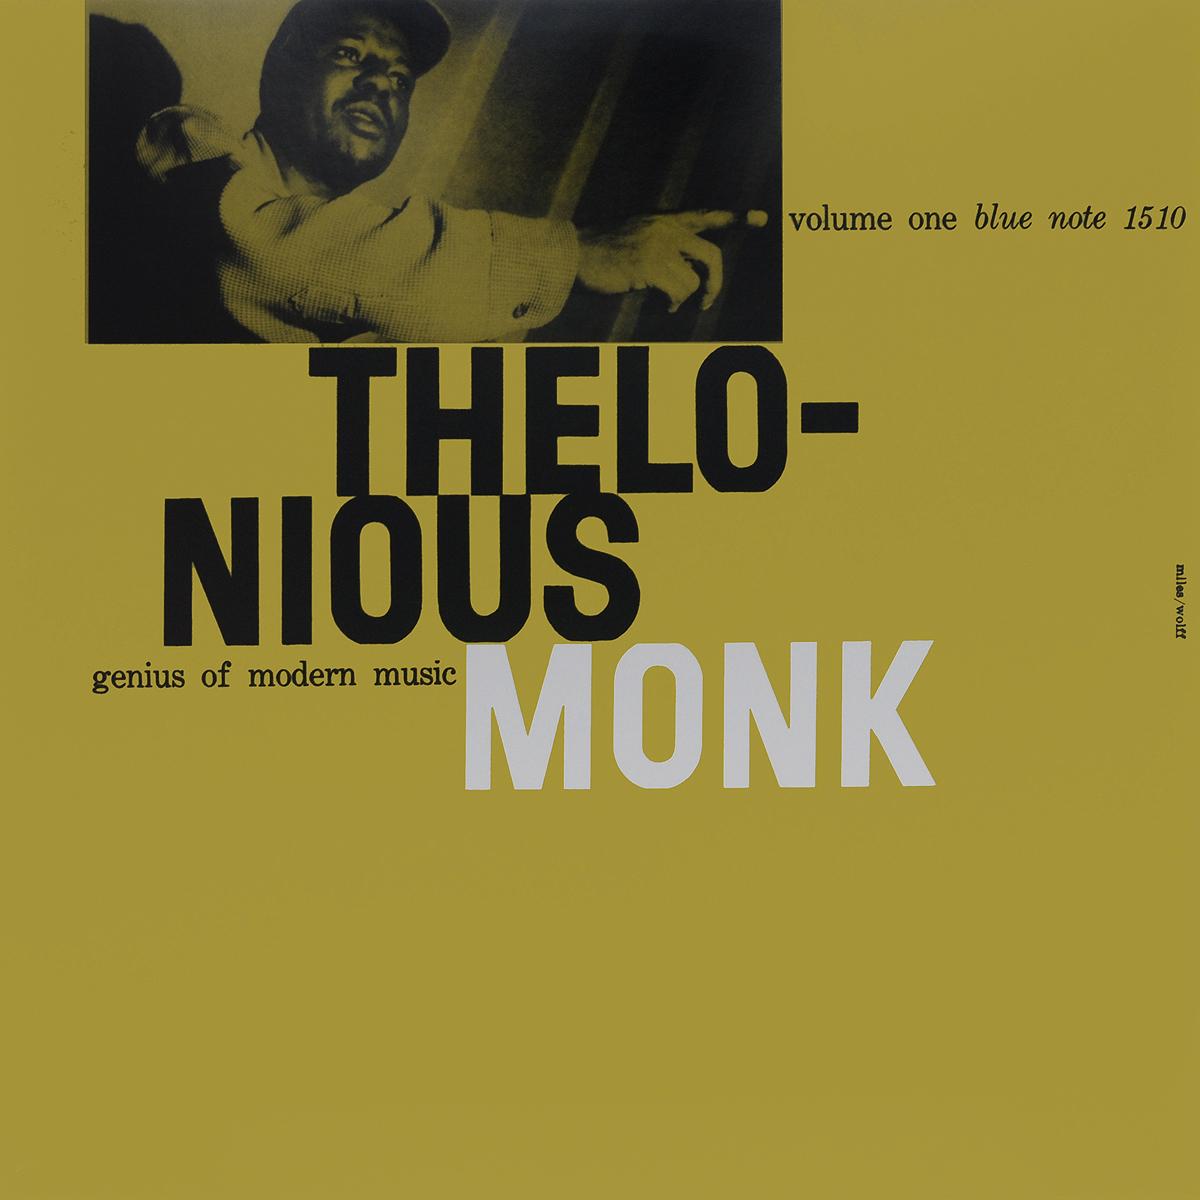 Телониус Монк Thelonious Monk. Genius Of Modern Music: Volune1(LP)